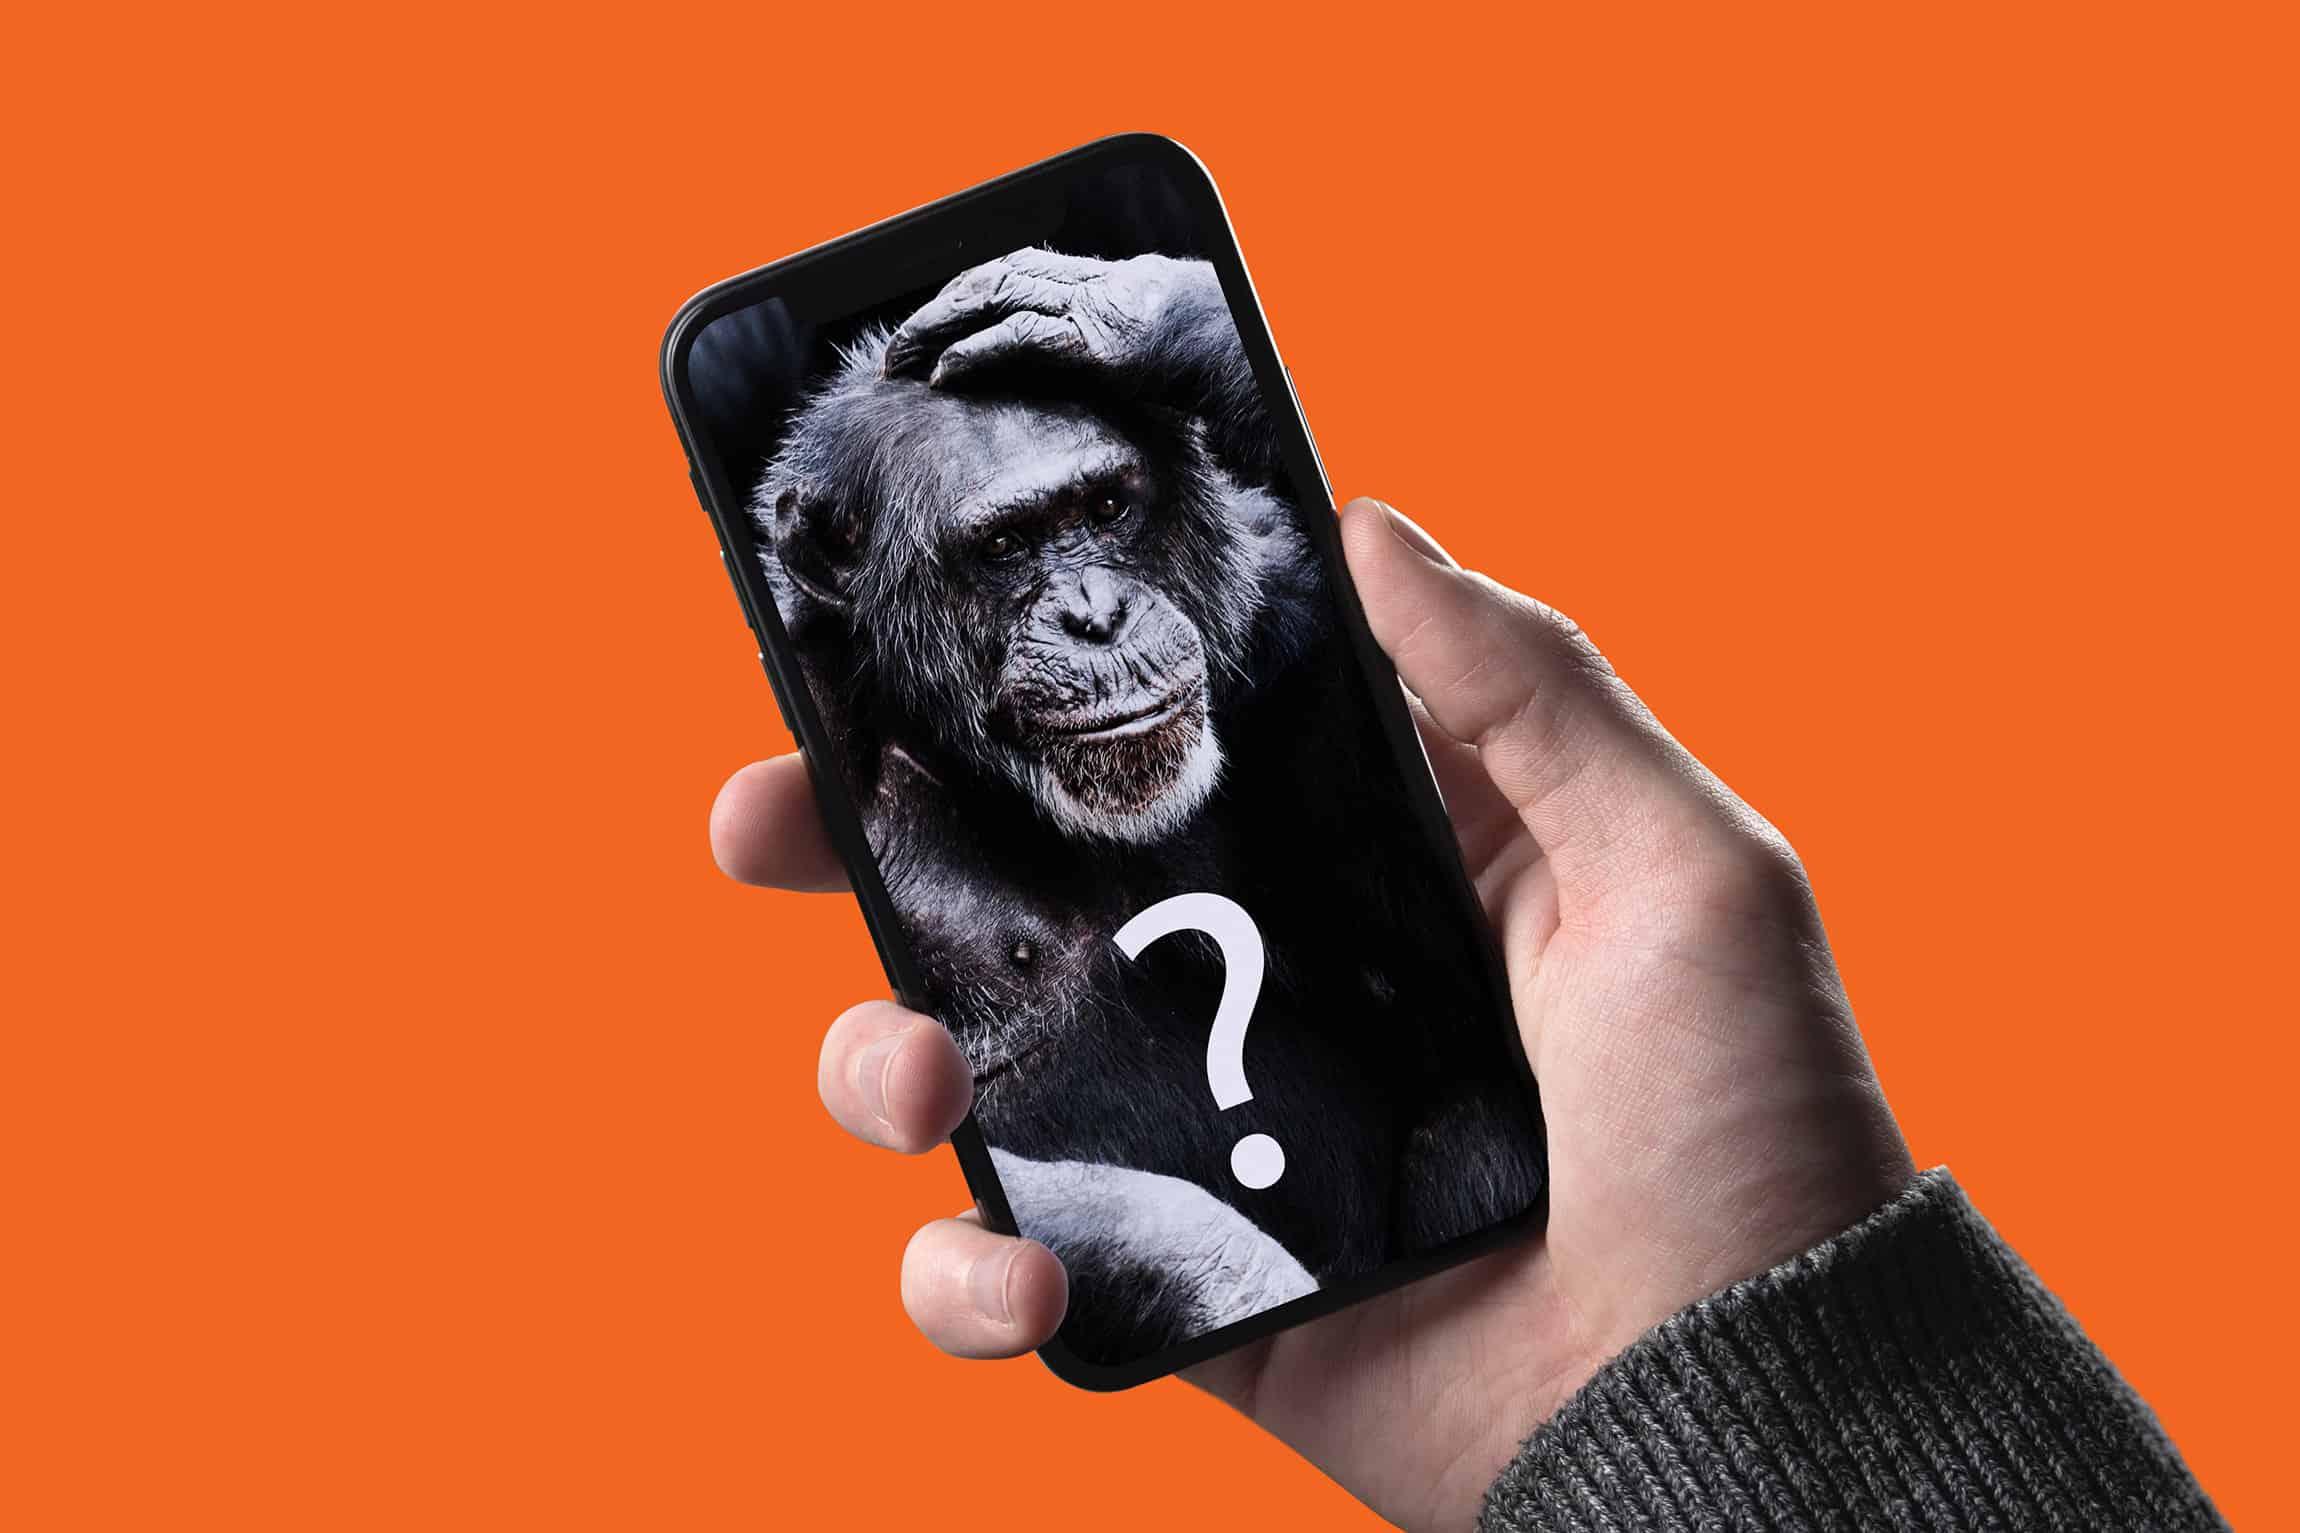 Handy mit Schimpansen